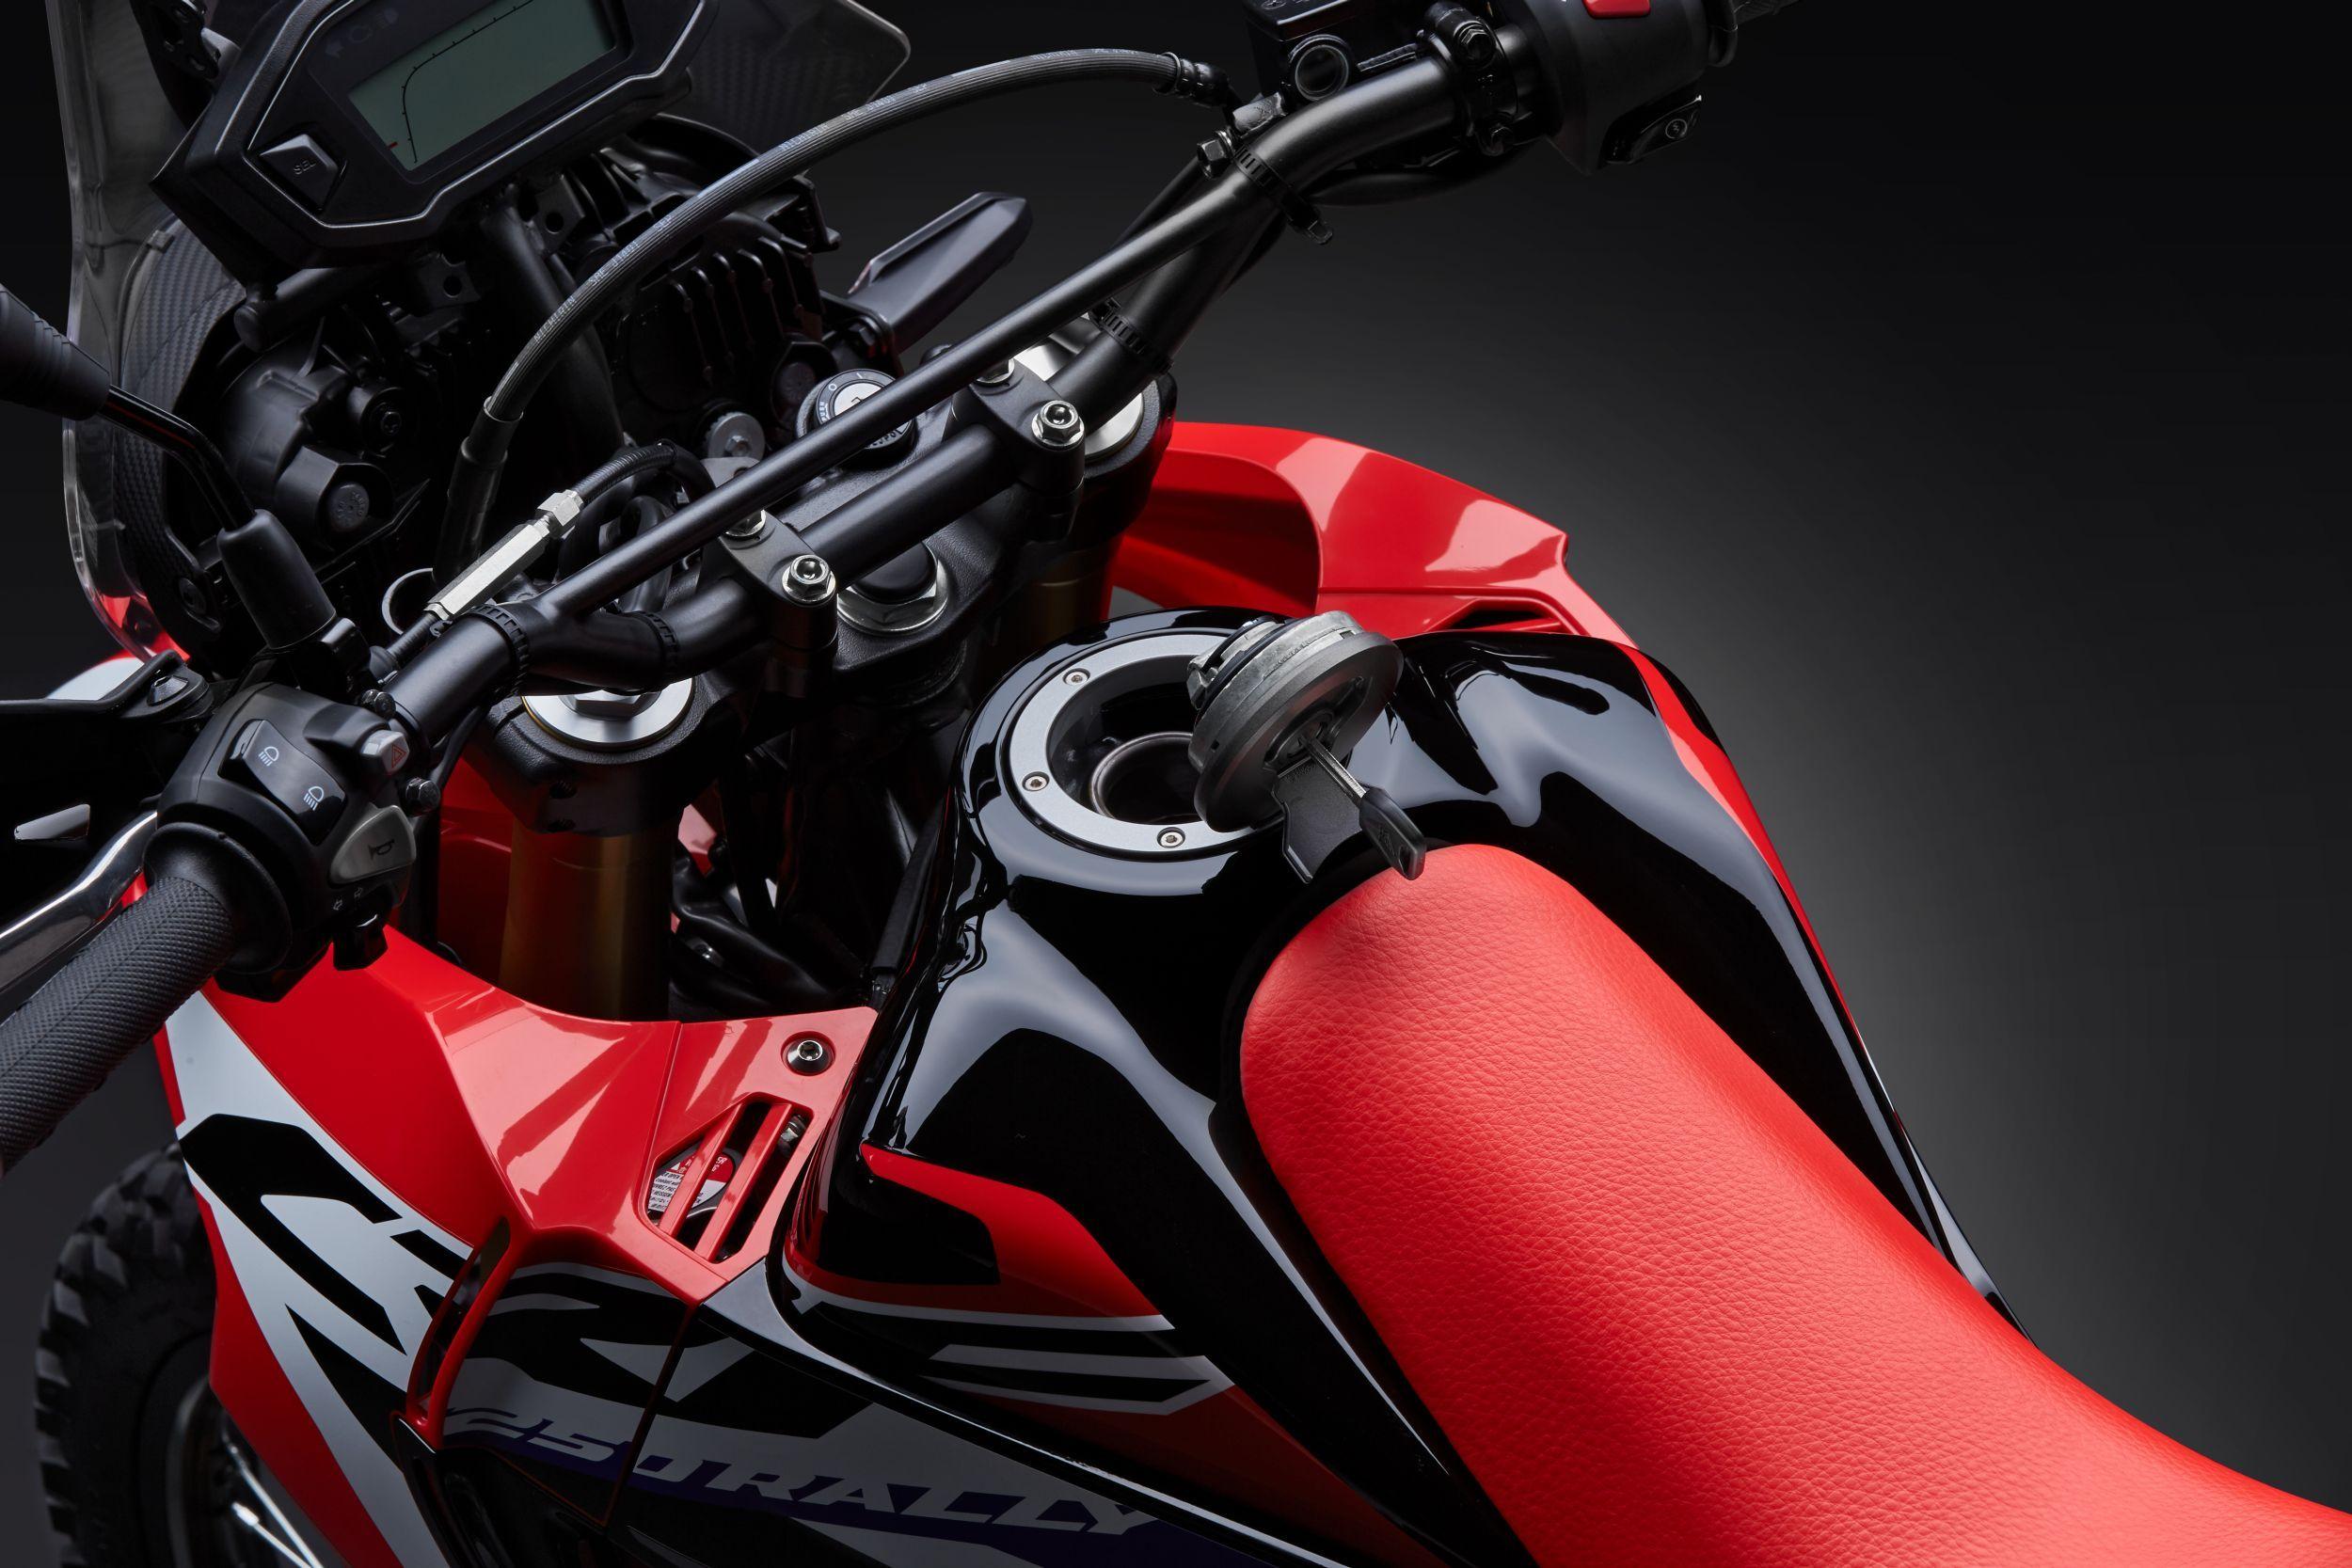 gebrauchte honda crf250 rally motorr der kaufen. Black Bedroom Furniture Sets. Home Design Ideas